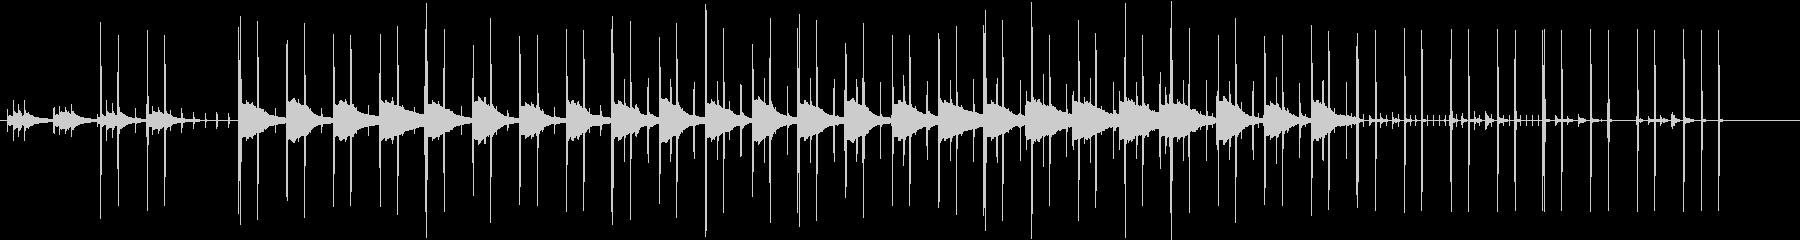 同じフレーズが繰り返されて透明感のある曲の未再生の波形